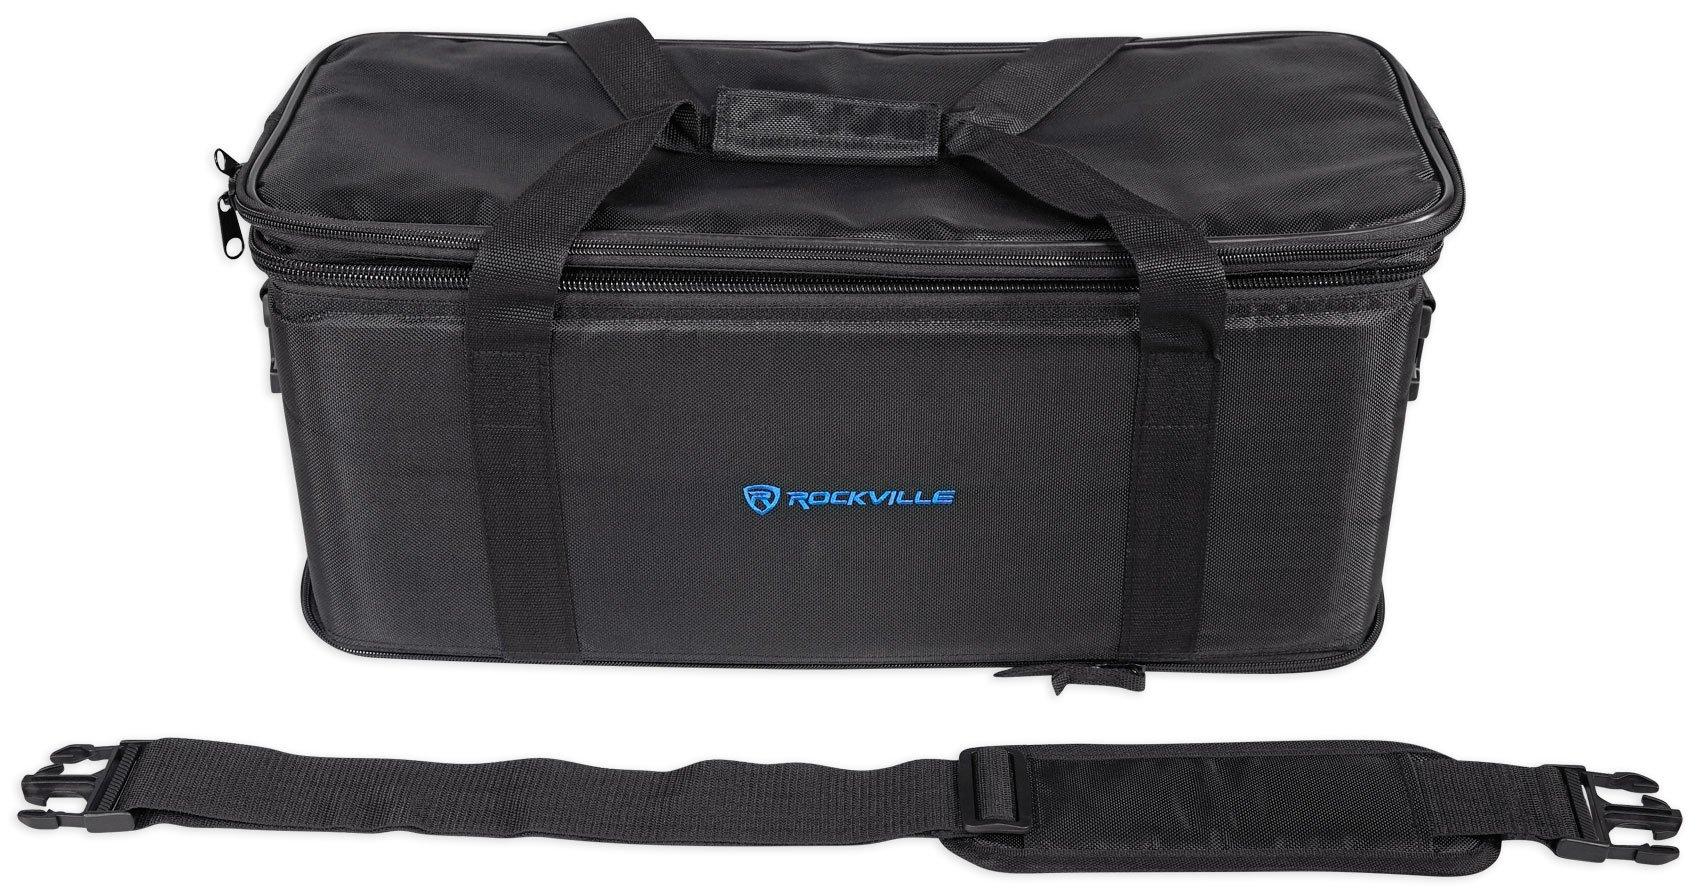 Rockville RRB40 4U Space Bag-Style Rack Case with Removable Rack+Shoulder Strap by Rockville